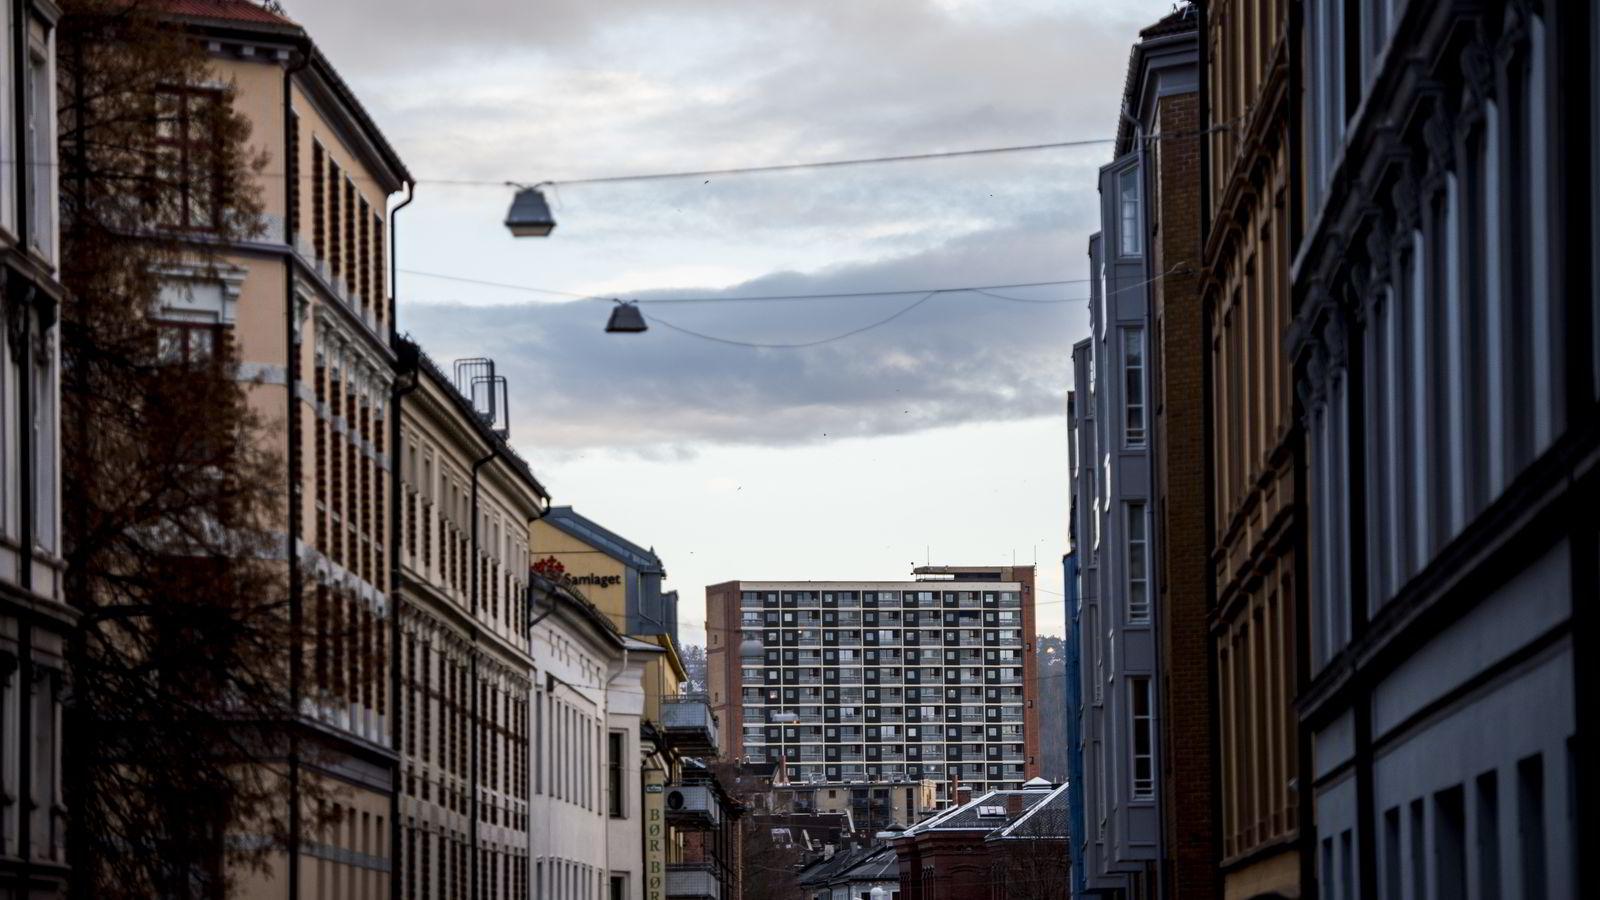 KAN GI PRIS-PRESS. Det kommer et rush av boliger på markedet i januar, men også mange nye kjøpere. Illustrasjonsbilde fra Oslo. FOTO: Fartein Rudjord